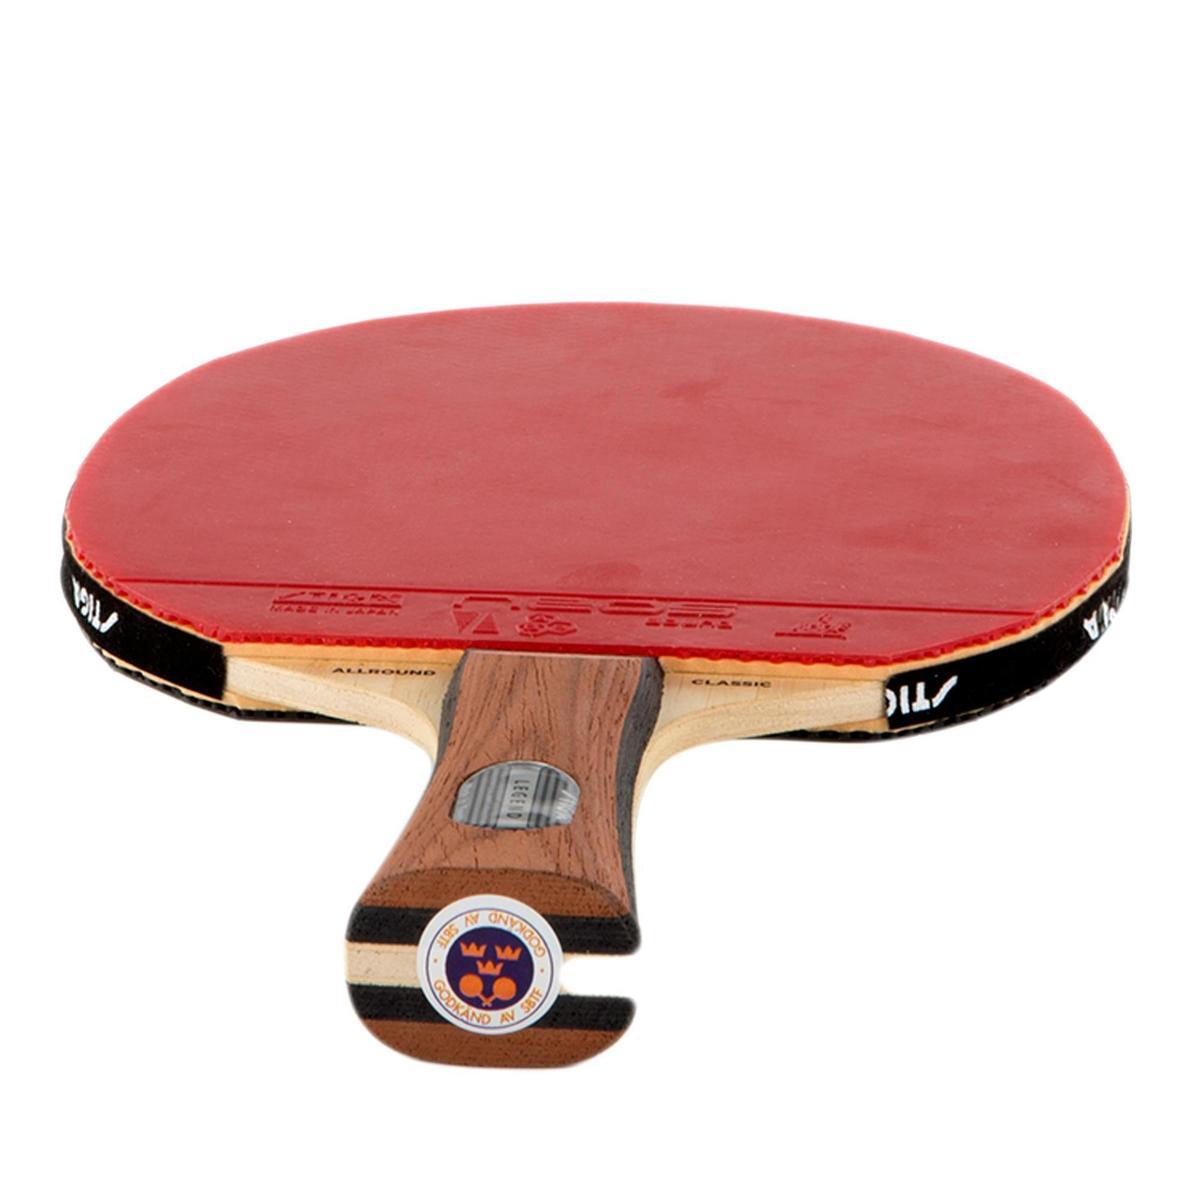 Bild 4 von Tischtennisschläger S Verein Wettkampf